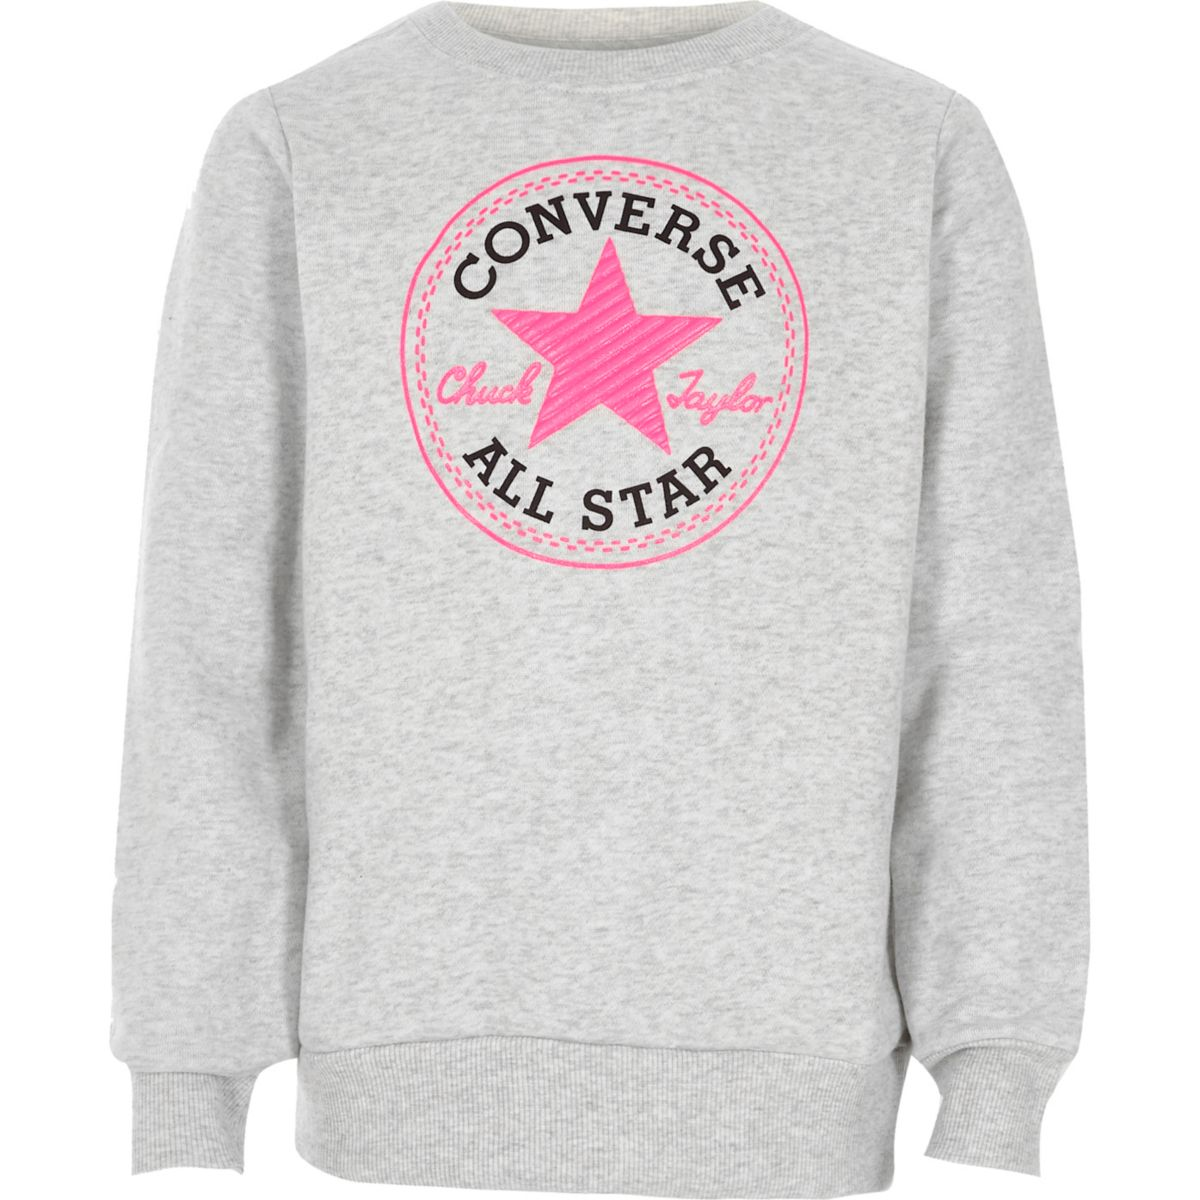 Converse - Grijs sweatshirt met ronde hals voor meisjes